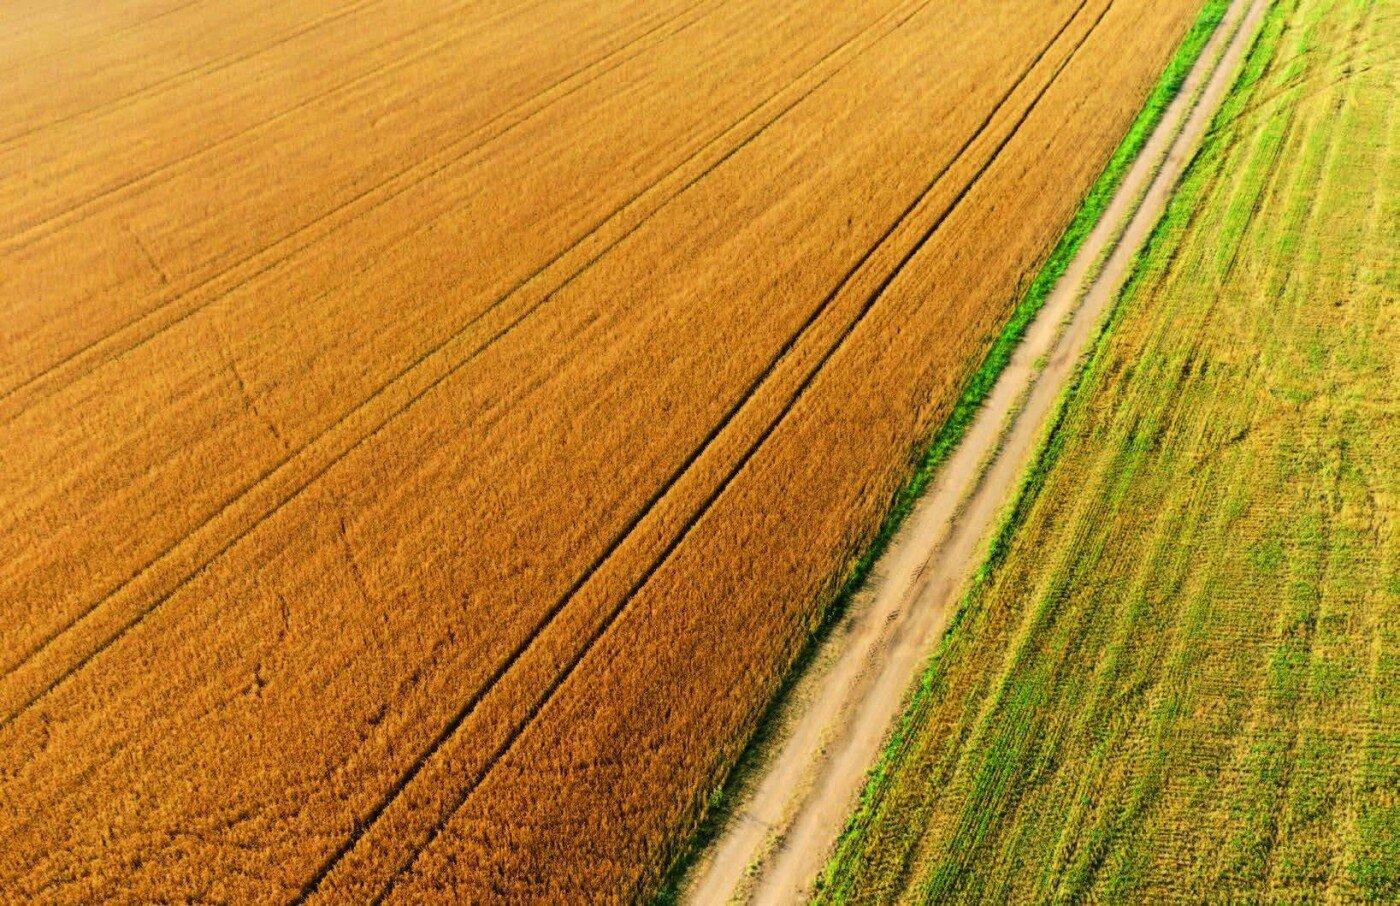 Прозорий земельний ринок проти корупції: як розвиватимуться села Вінниччини після скасування мораторію, фото-1